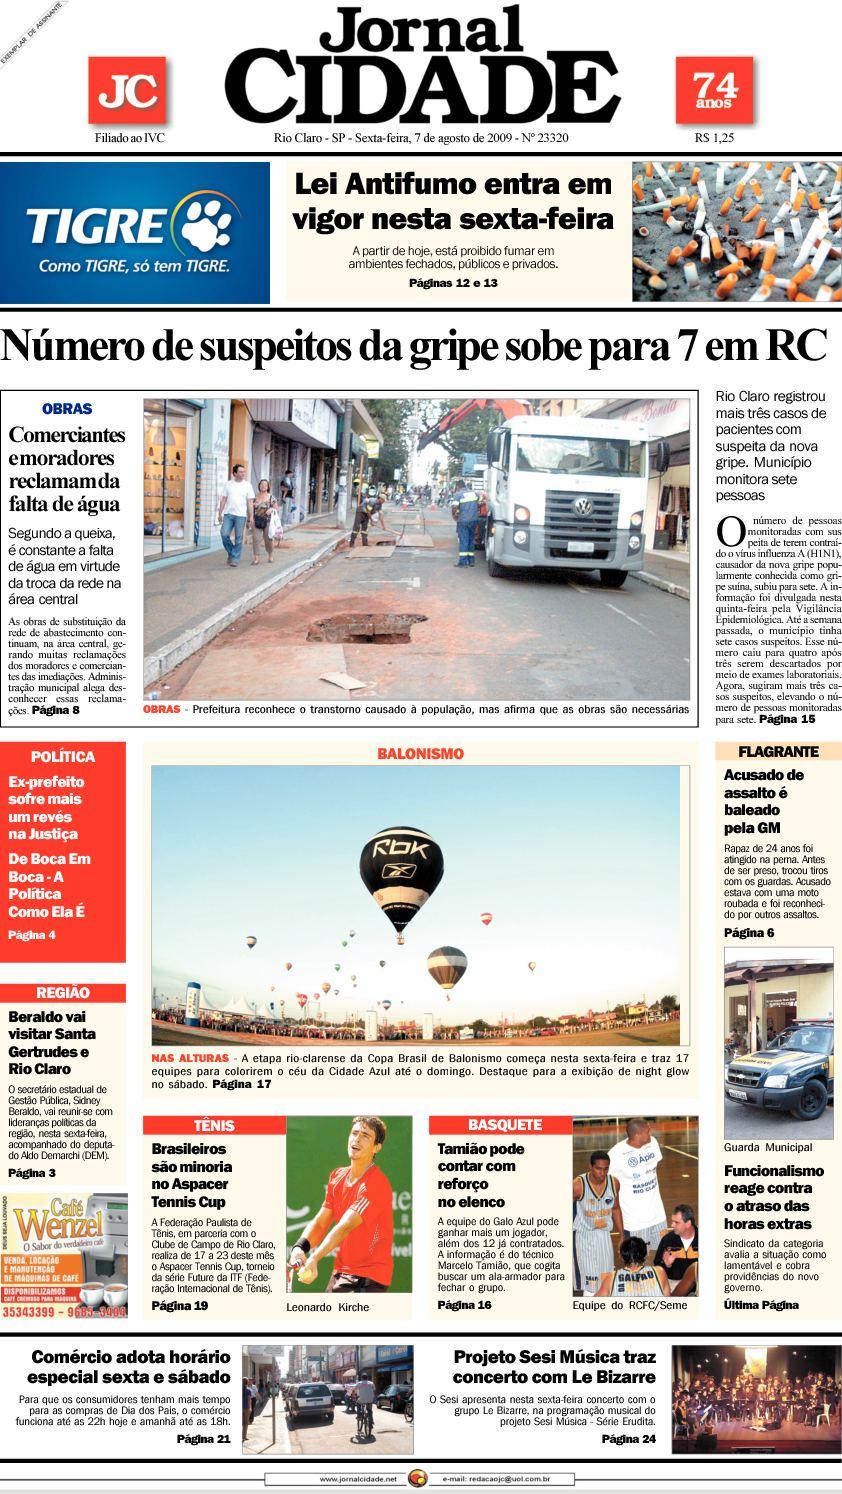 5917fa8341 Calaméo - Jornal Cidade de Rio Claro - 07 08 2009